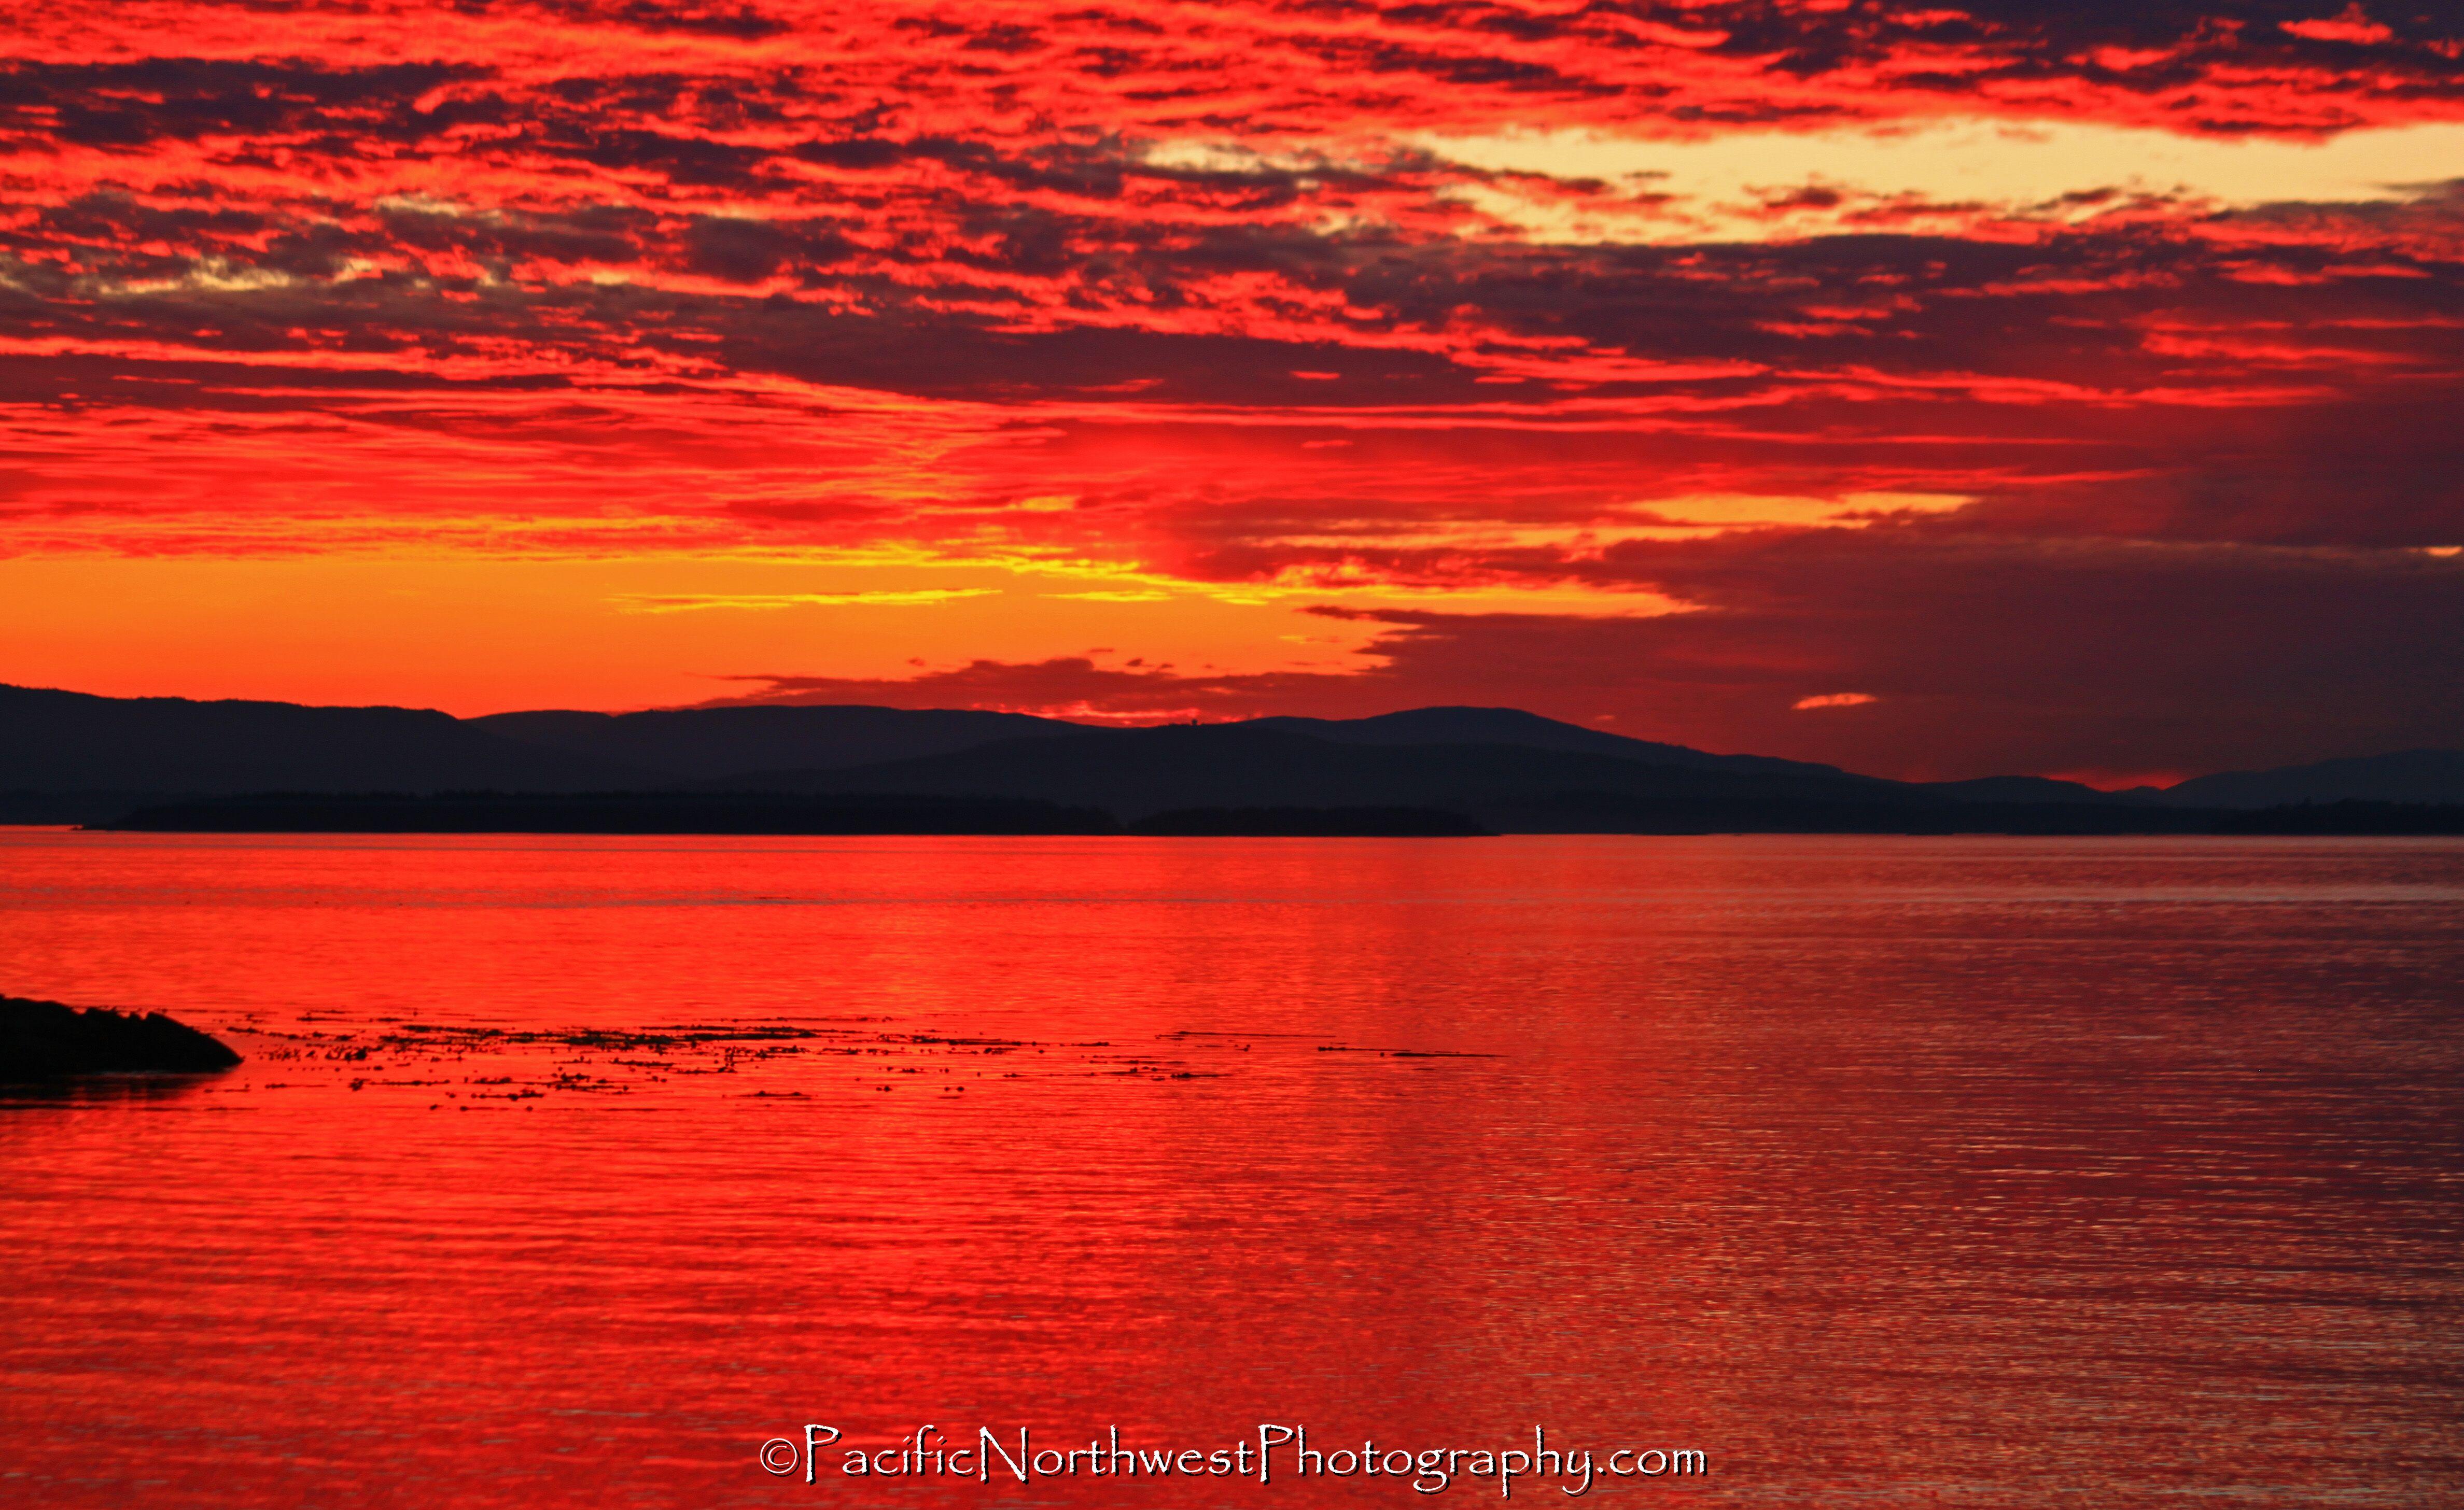 Sunset at San Juan County Park, WA